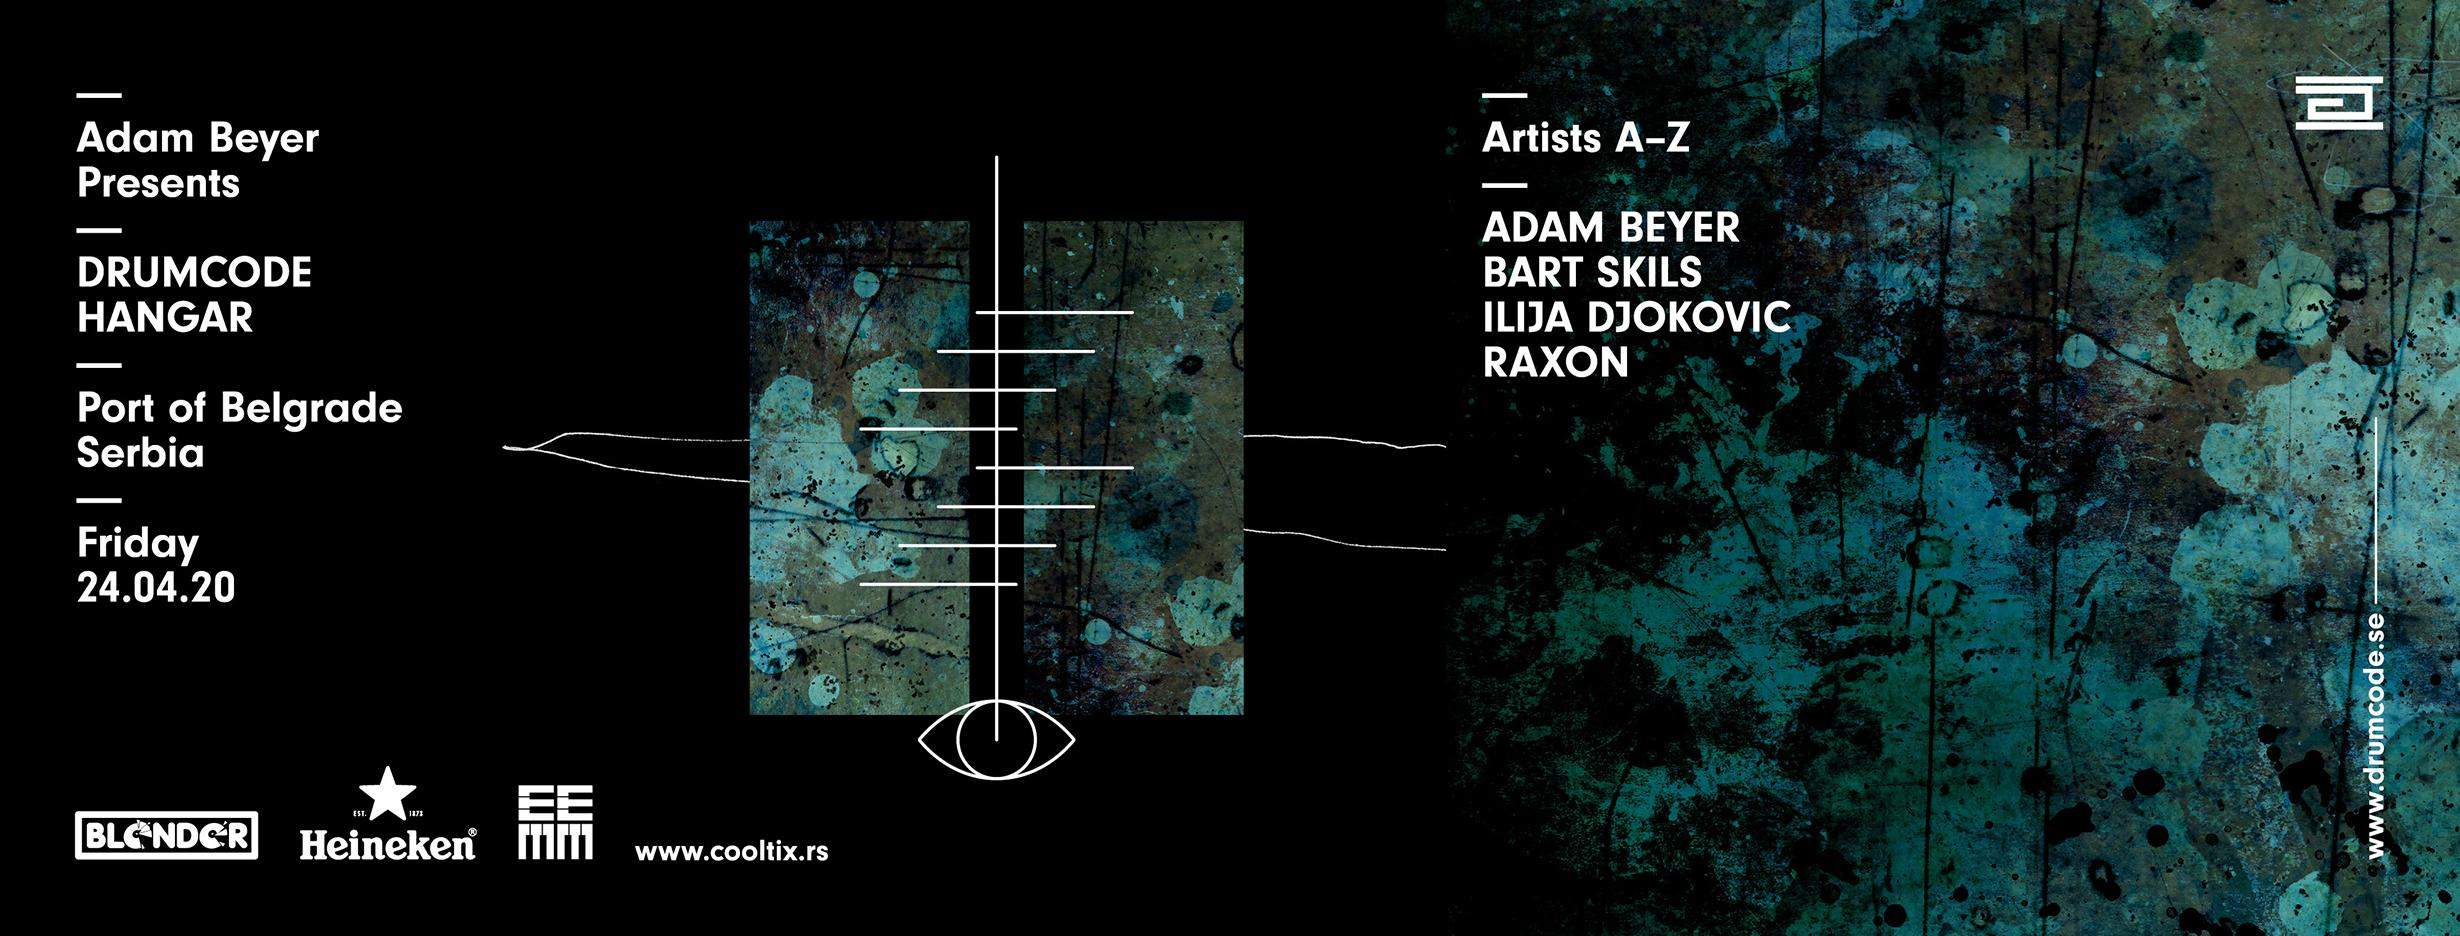 Adam Bayer, Drumcode, Hangar, Beograd